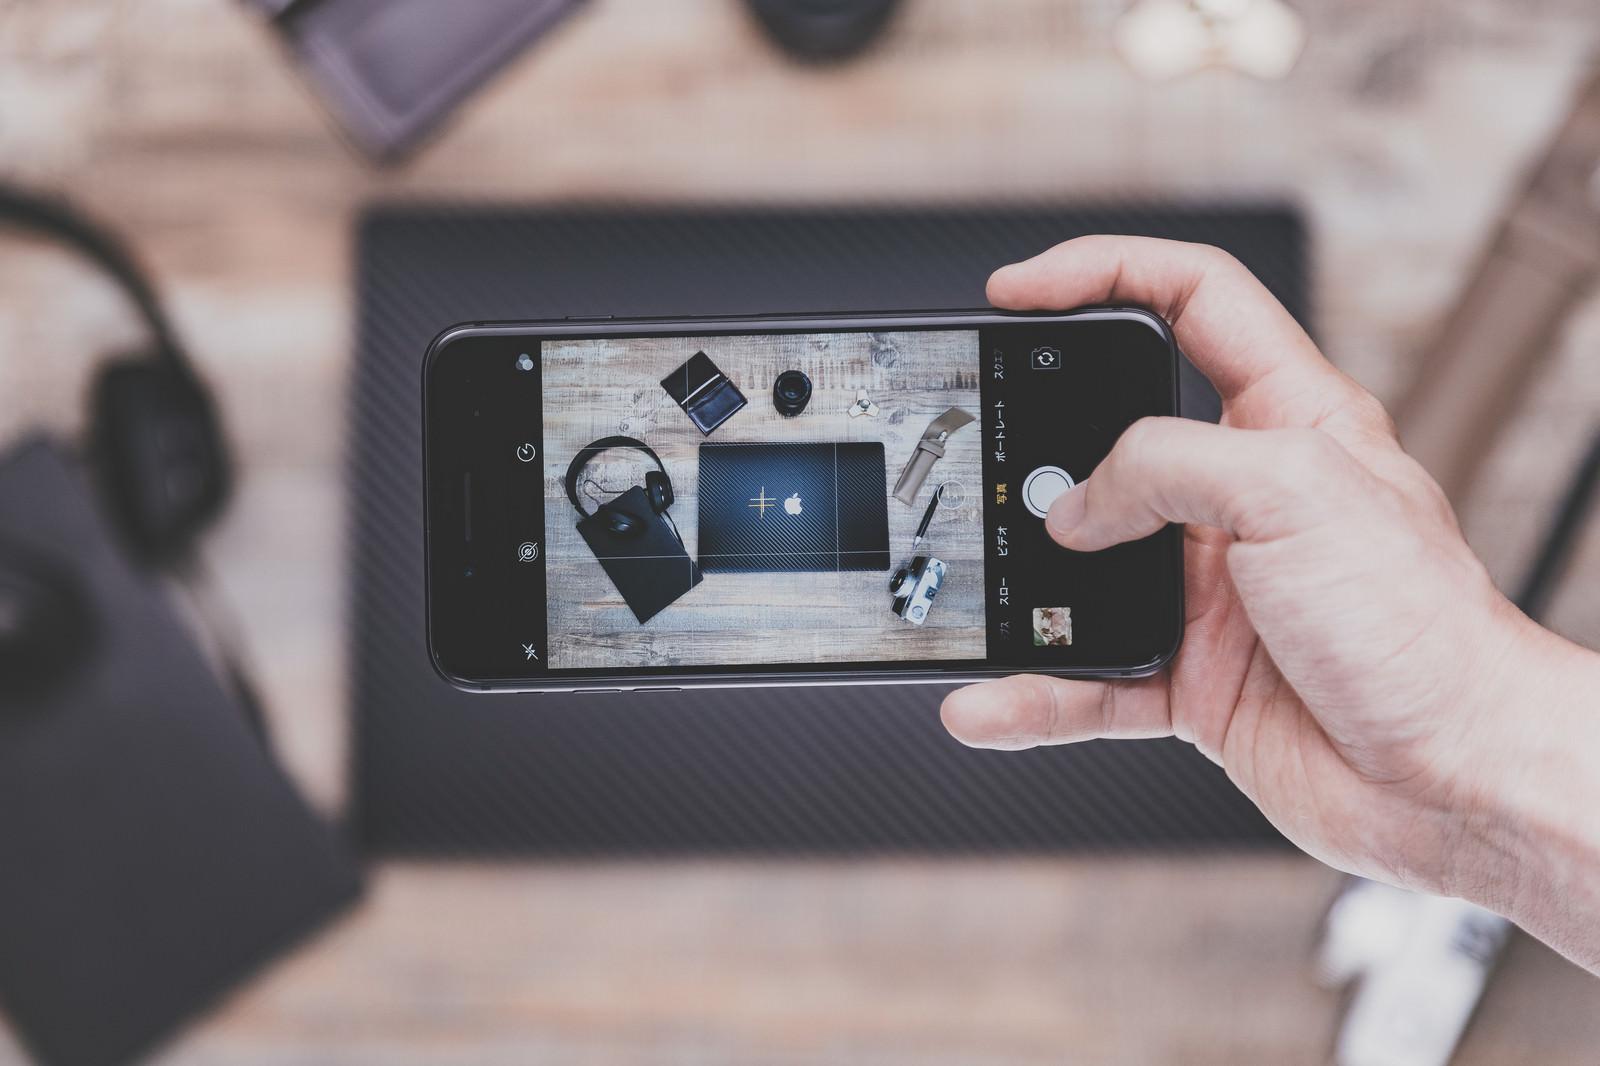 「テーブルに置かれたガジェットをiPhoneで撮影(横位置)」の写真